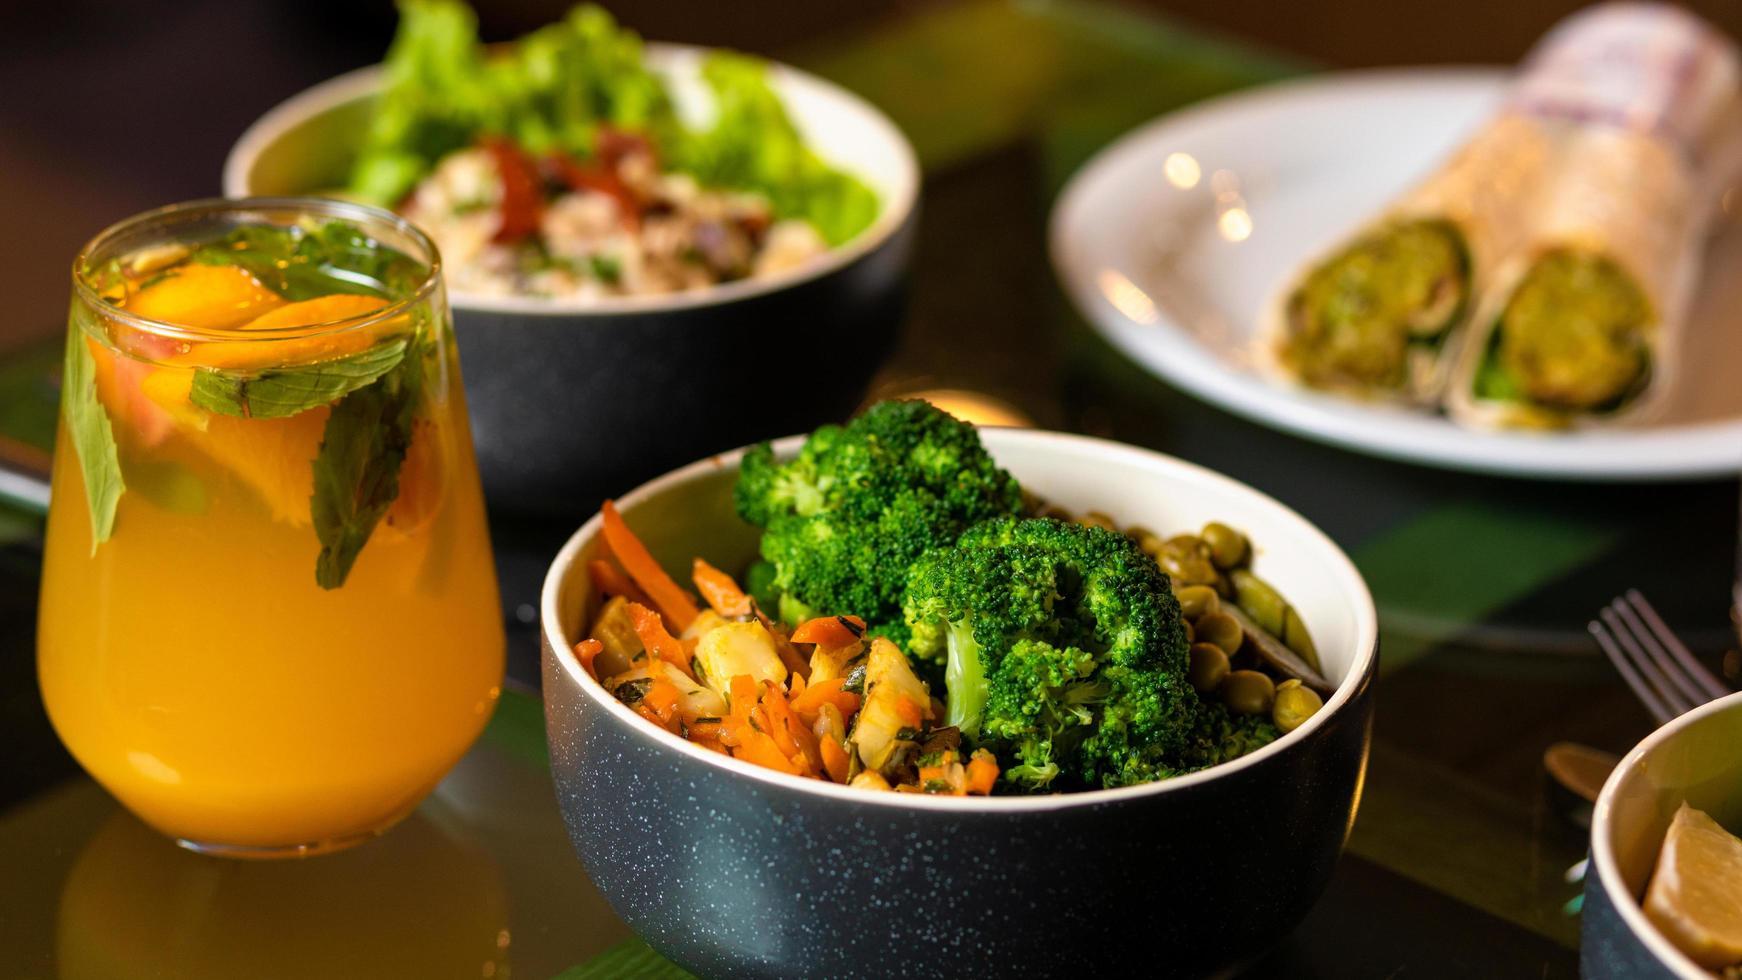 vegetarische salade met sinaasappelsap foto